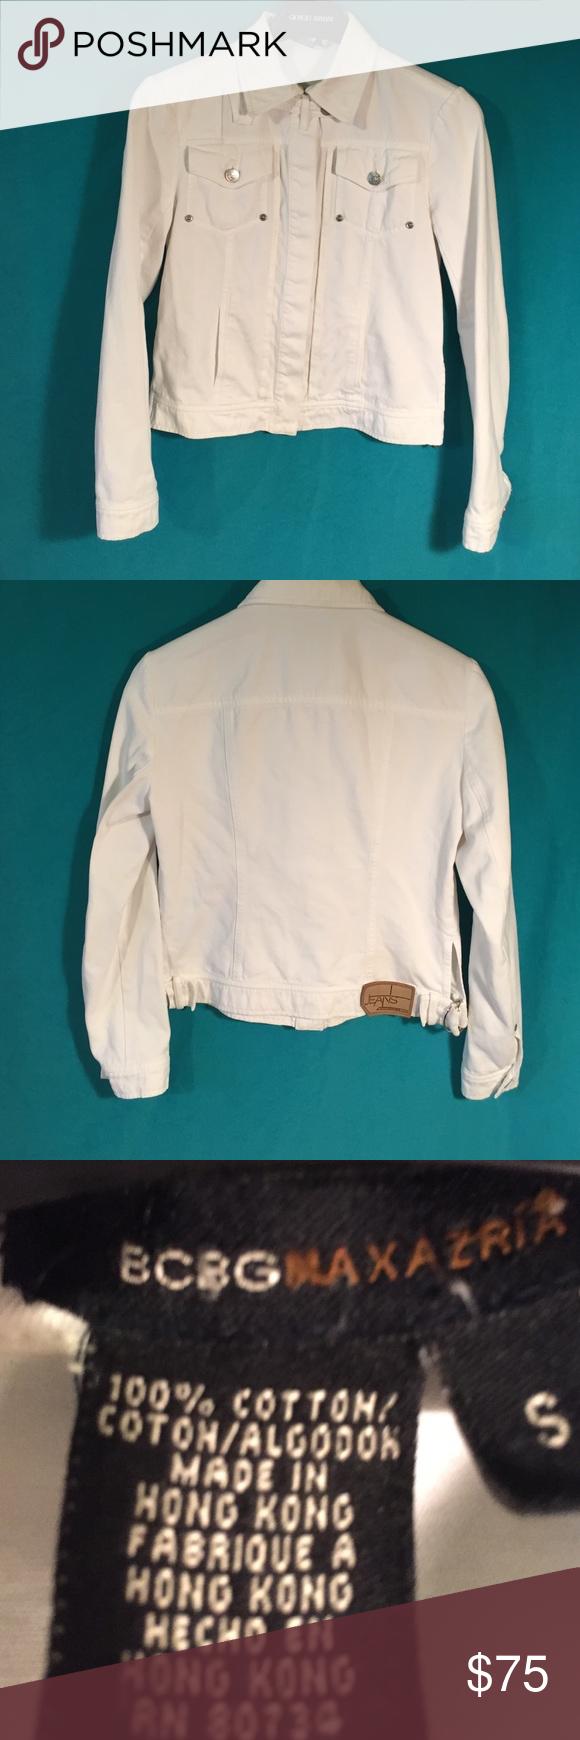 BCBG maxazria jean jacket BCBG max jean jacket. Super cute . Great condition. BCBGMaxAzria Jackets & Coats Jean Jackets